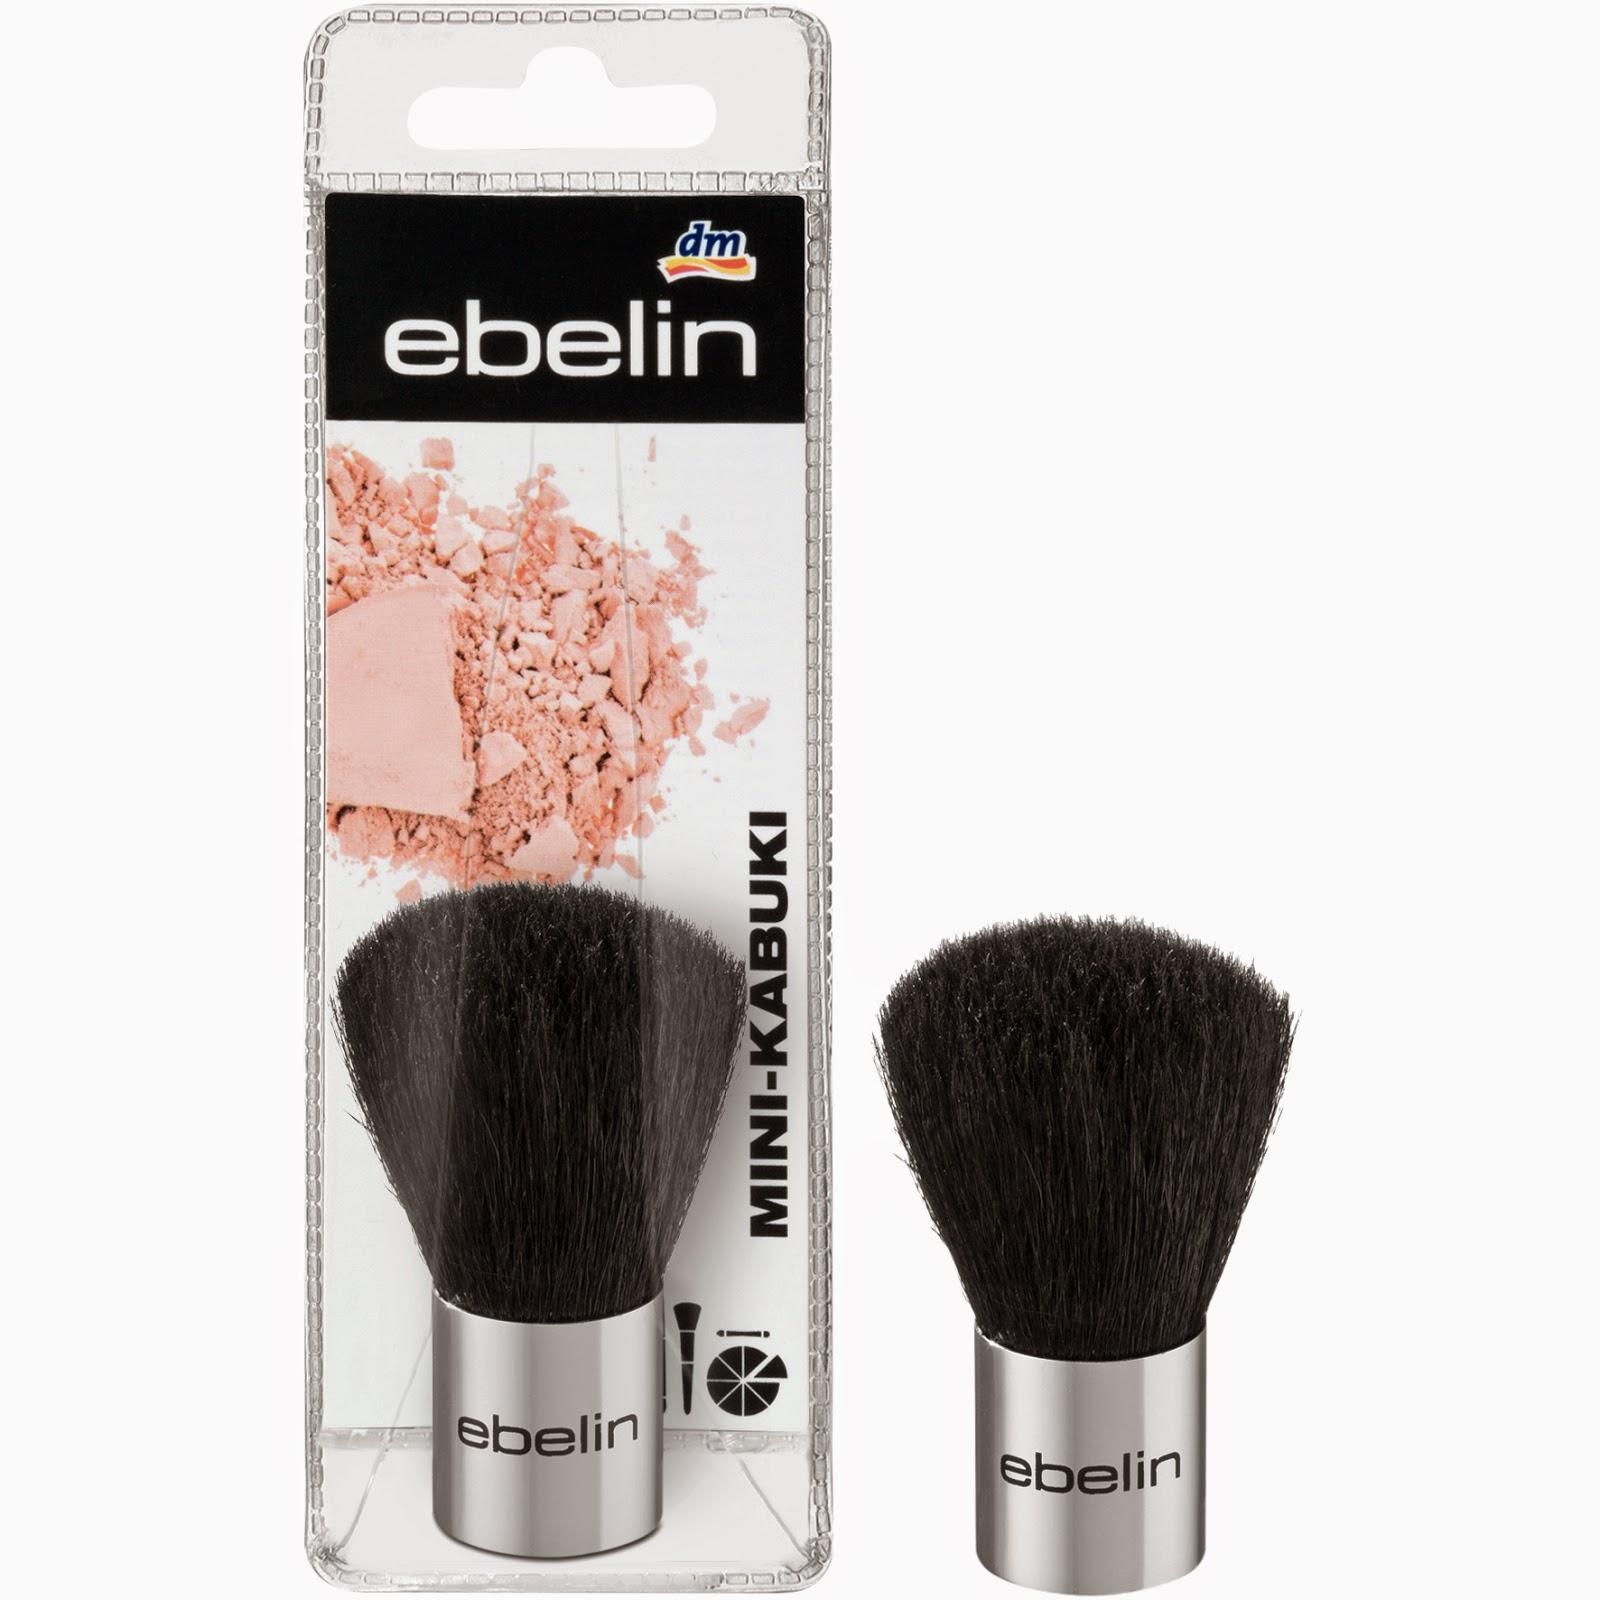 Ebelin - Mini-Kabuki - www.annitschkasblog.de